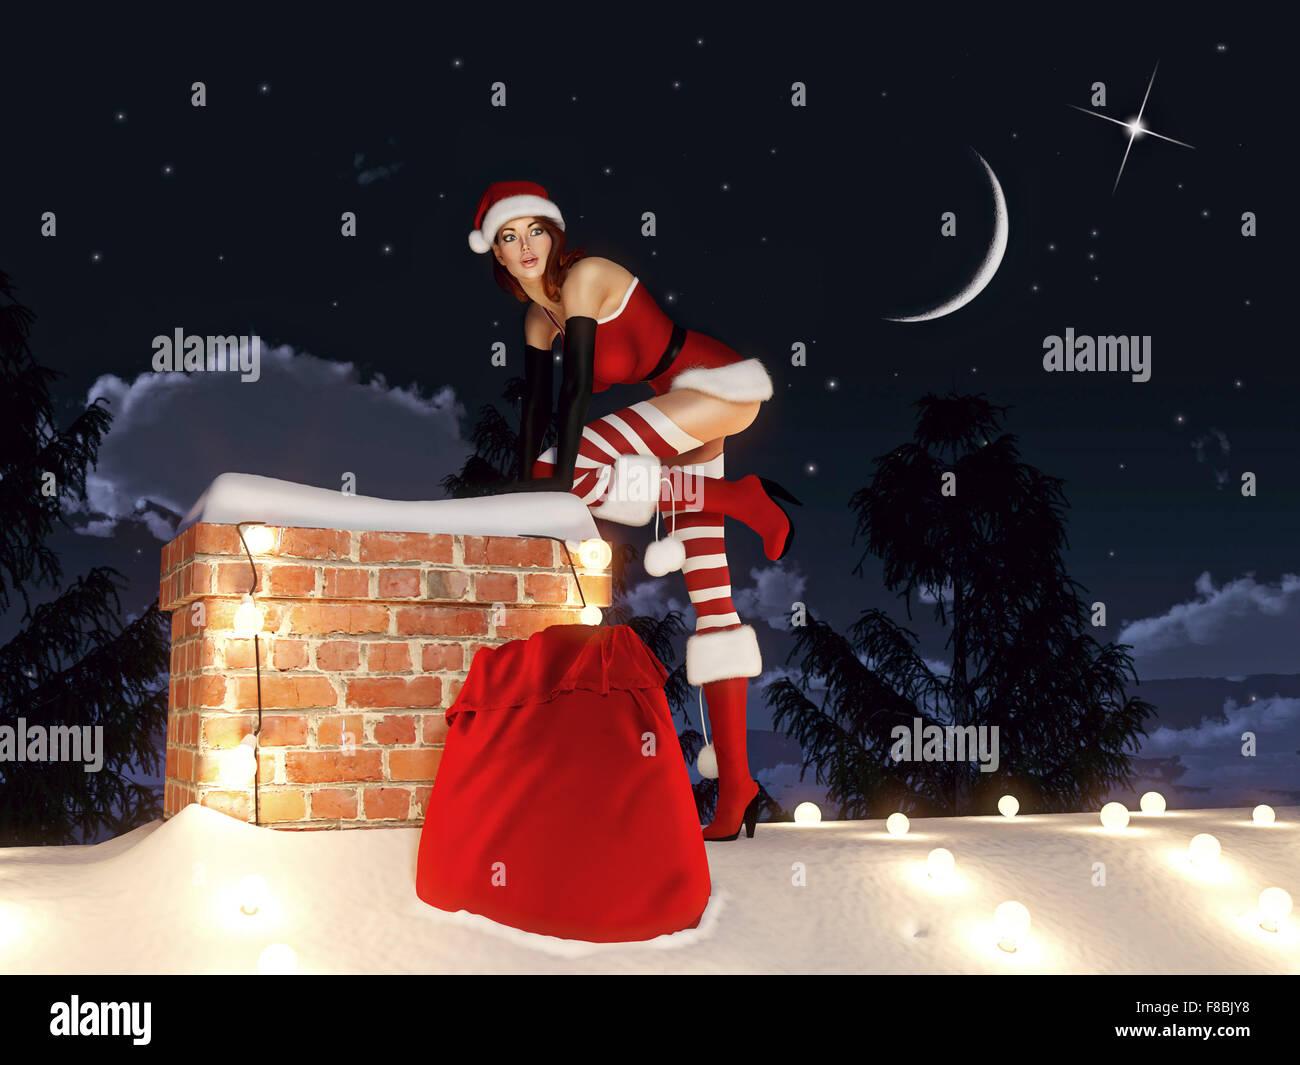 Santa woman. 3d rendering - Stock Image